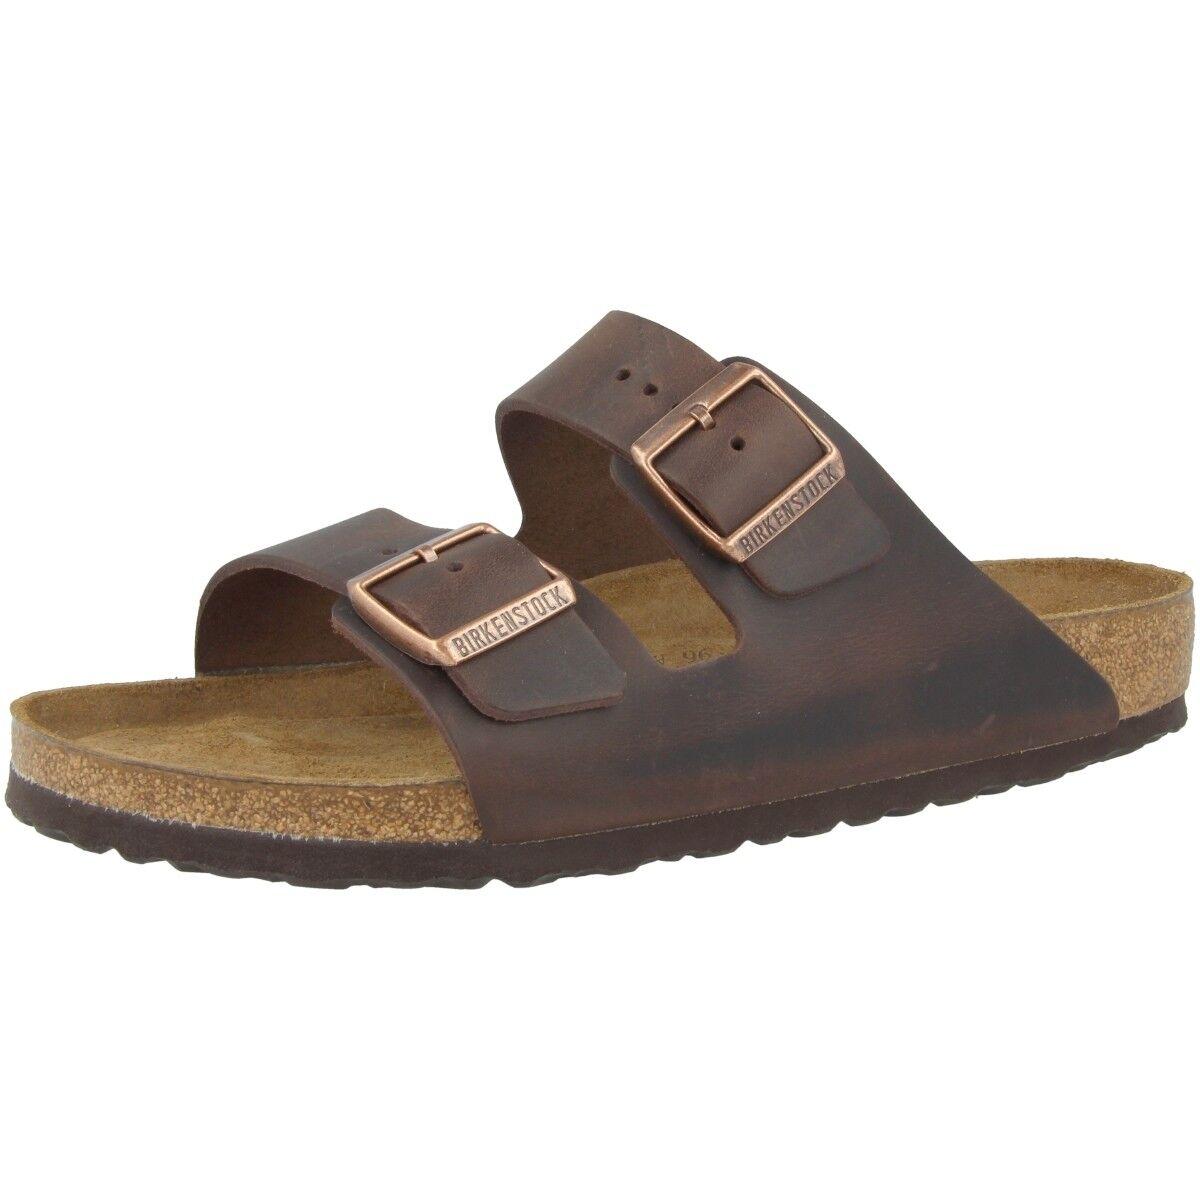 Birkenstock arizona rasurado nubuckleder zapatos weichbettung ancho normal 452761